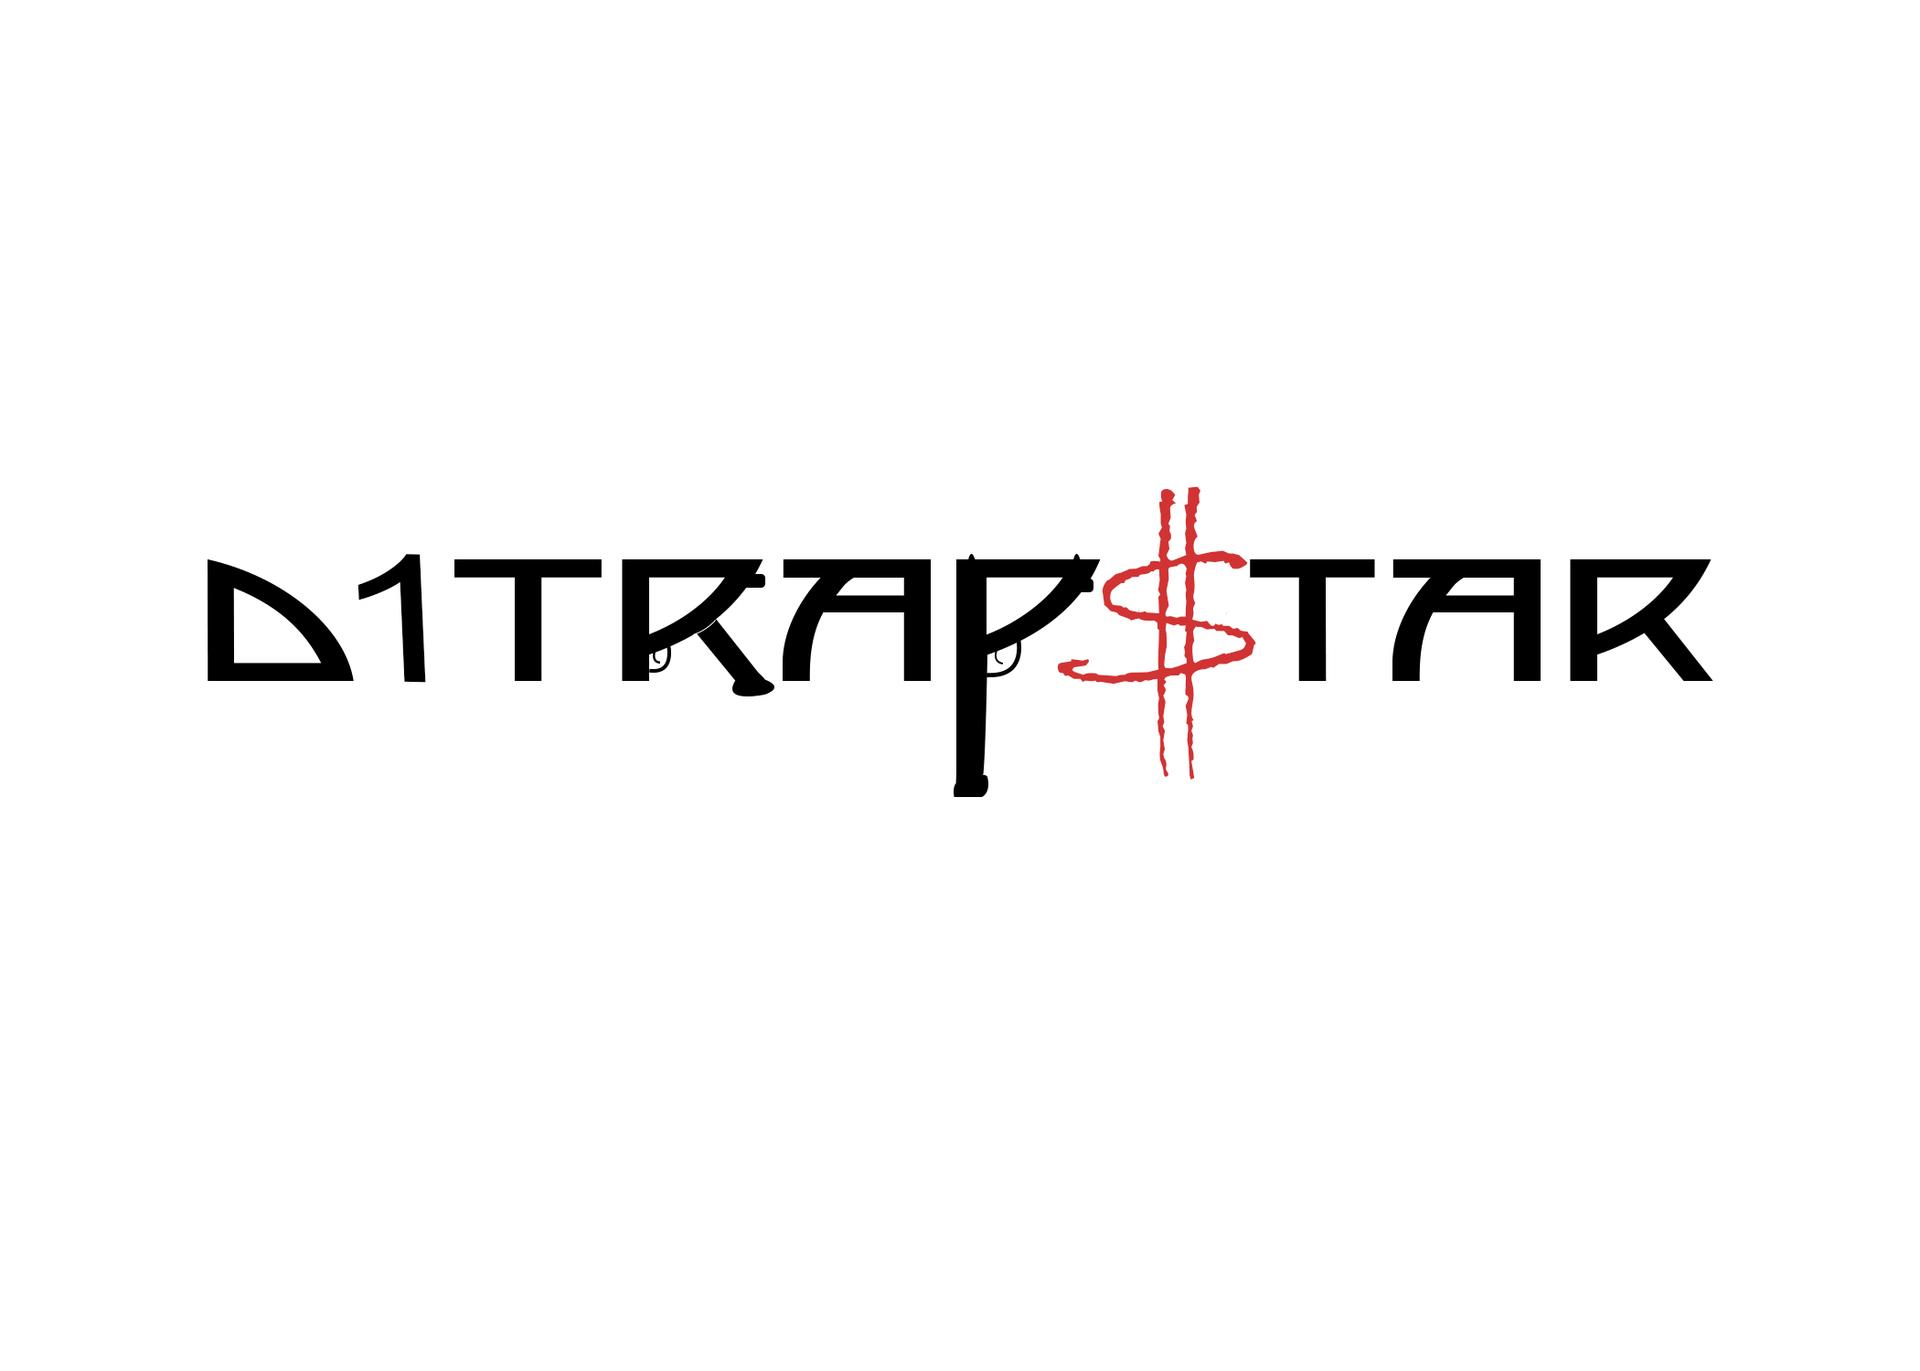 D1trapstar